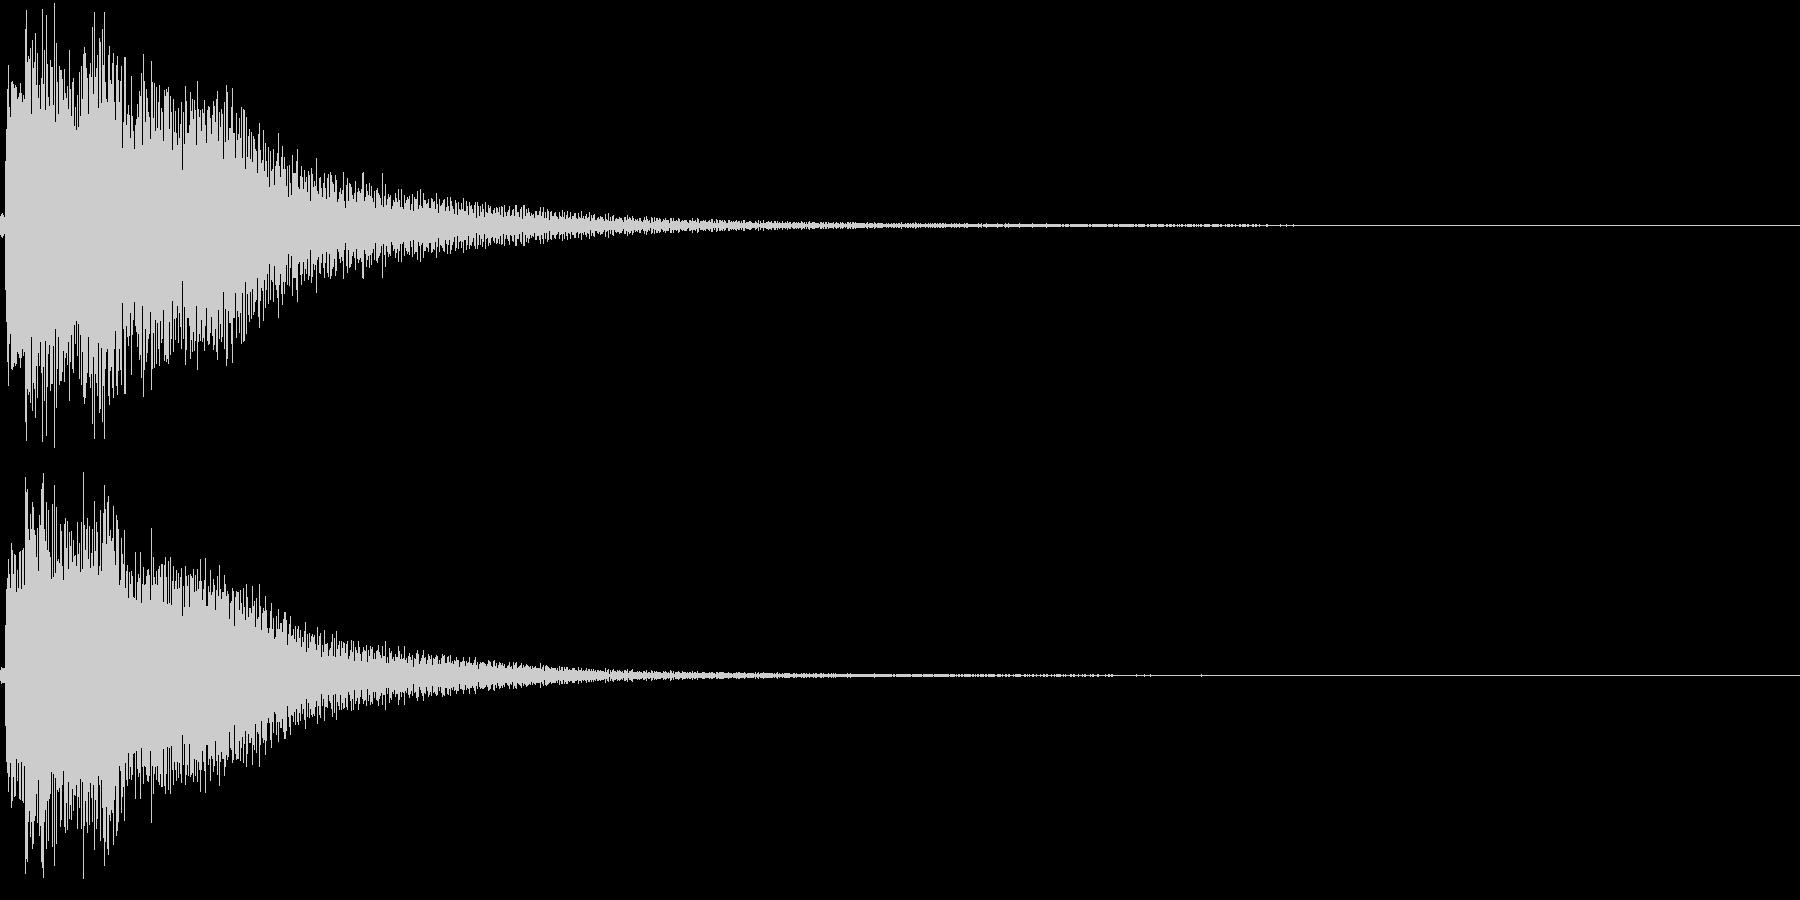 和風 箏(琴)上がっていく音1の未再生の波形